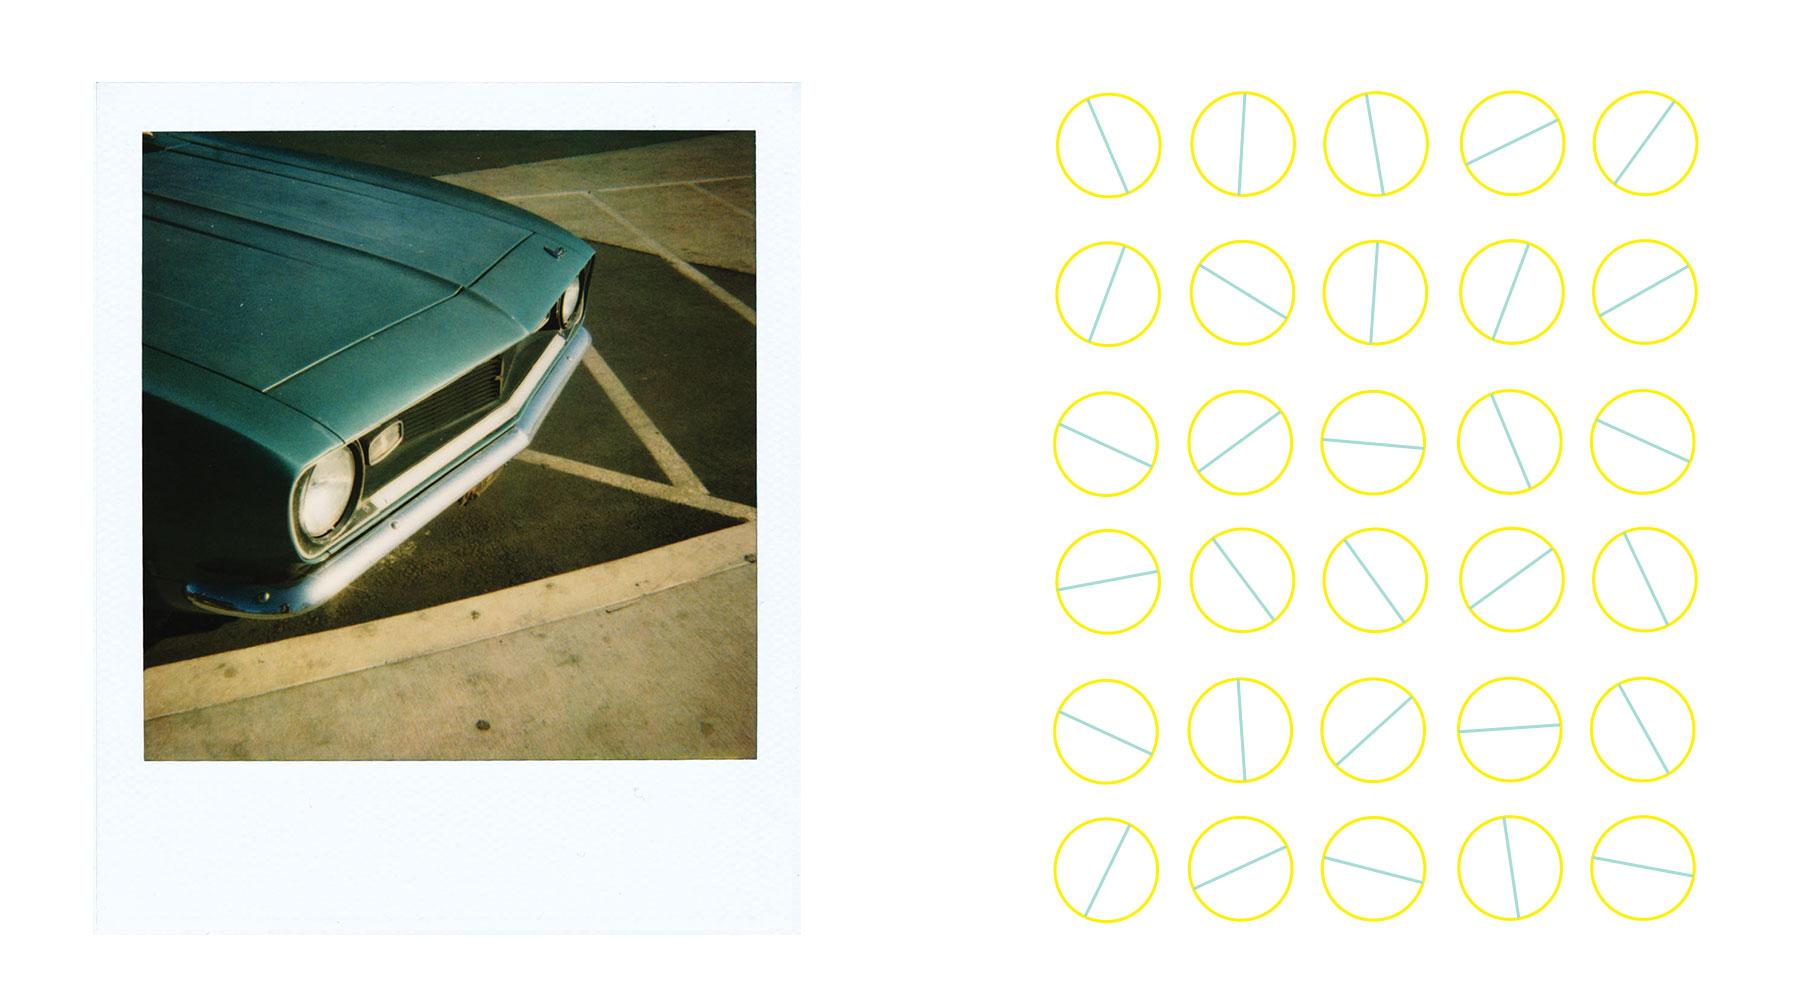 Graphics_polo_3.jpg